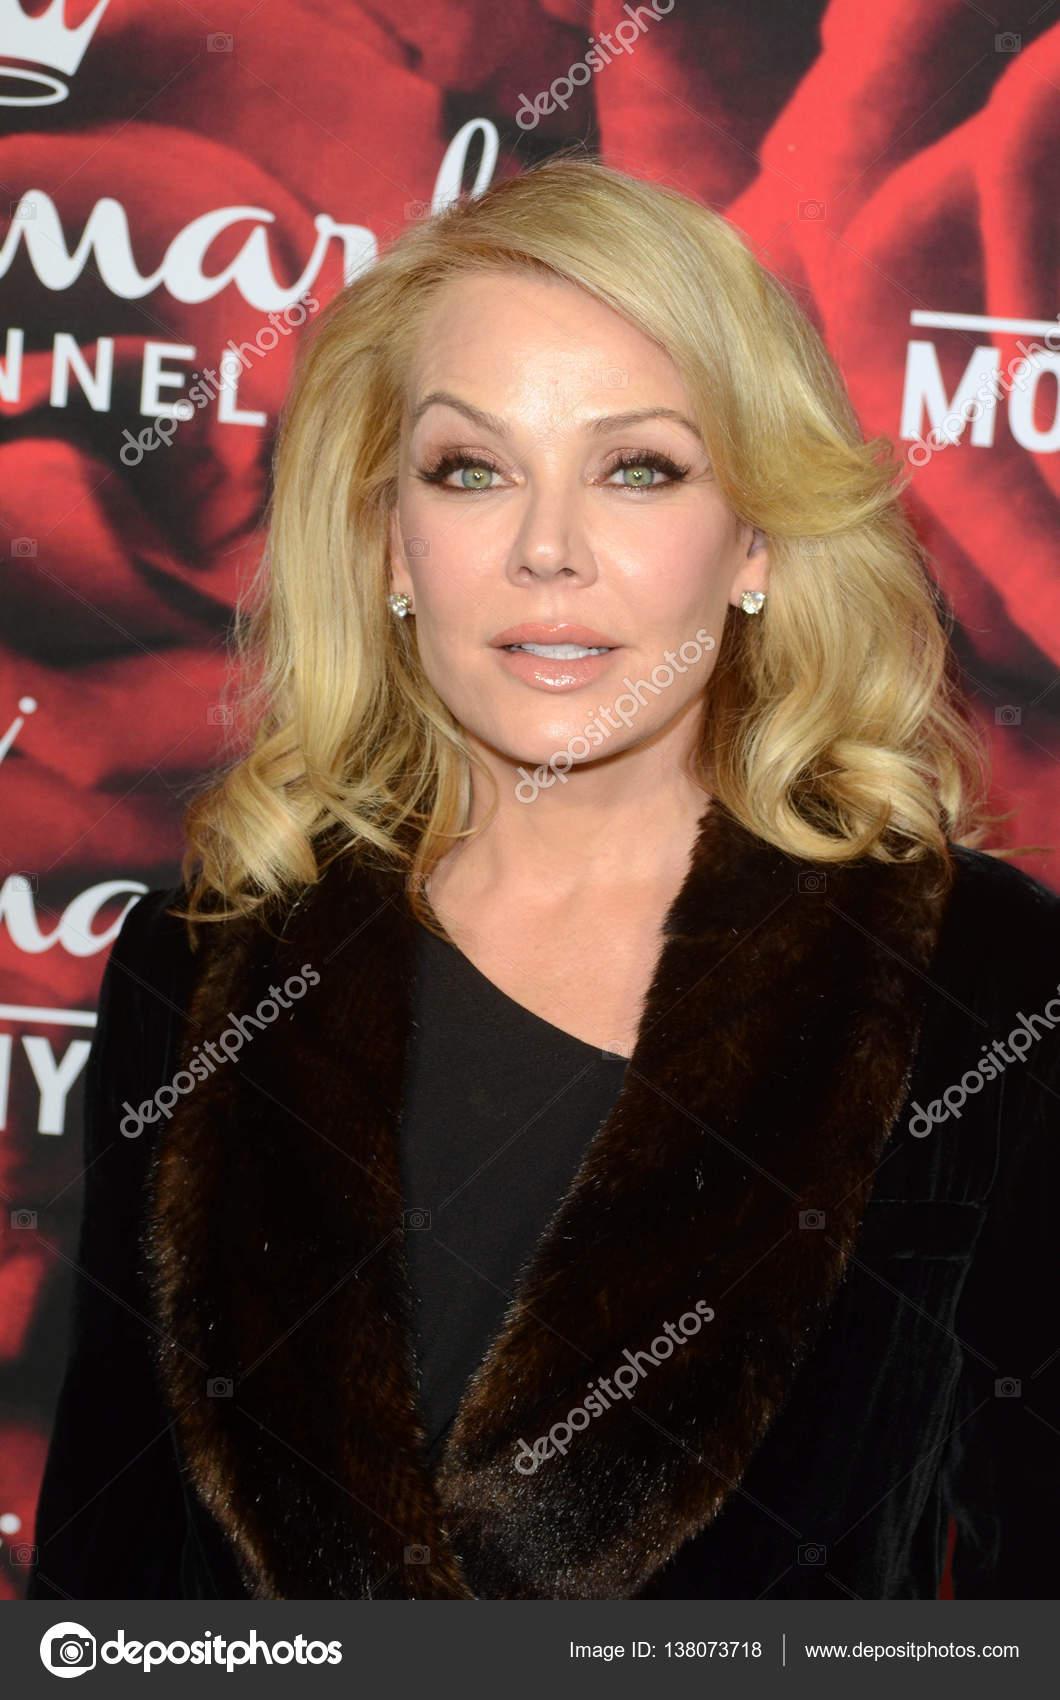 3. Madonna,Brigitte Poupart XXX picture Aarthi Agarwal,Madeleine Orr